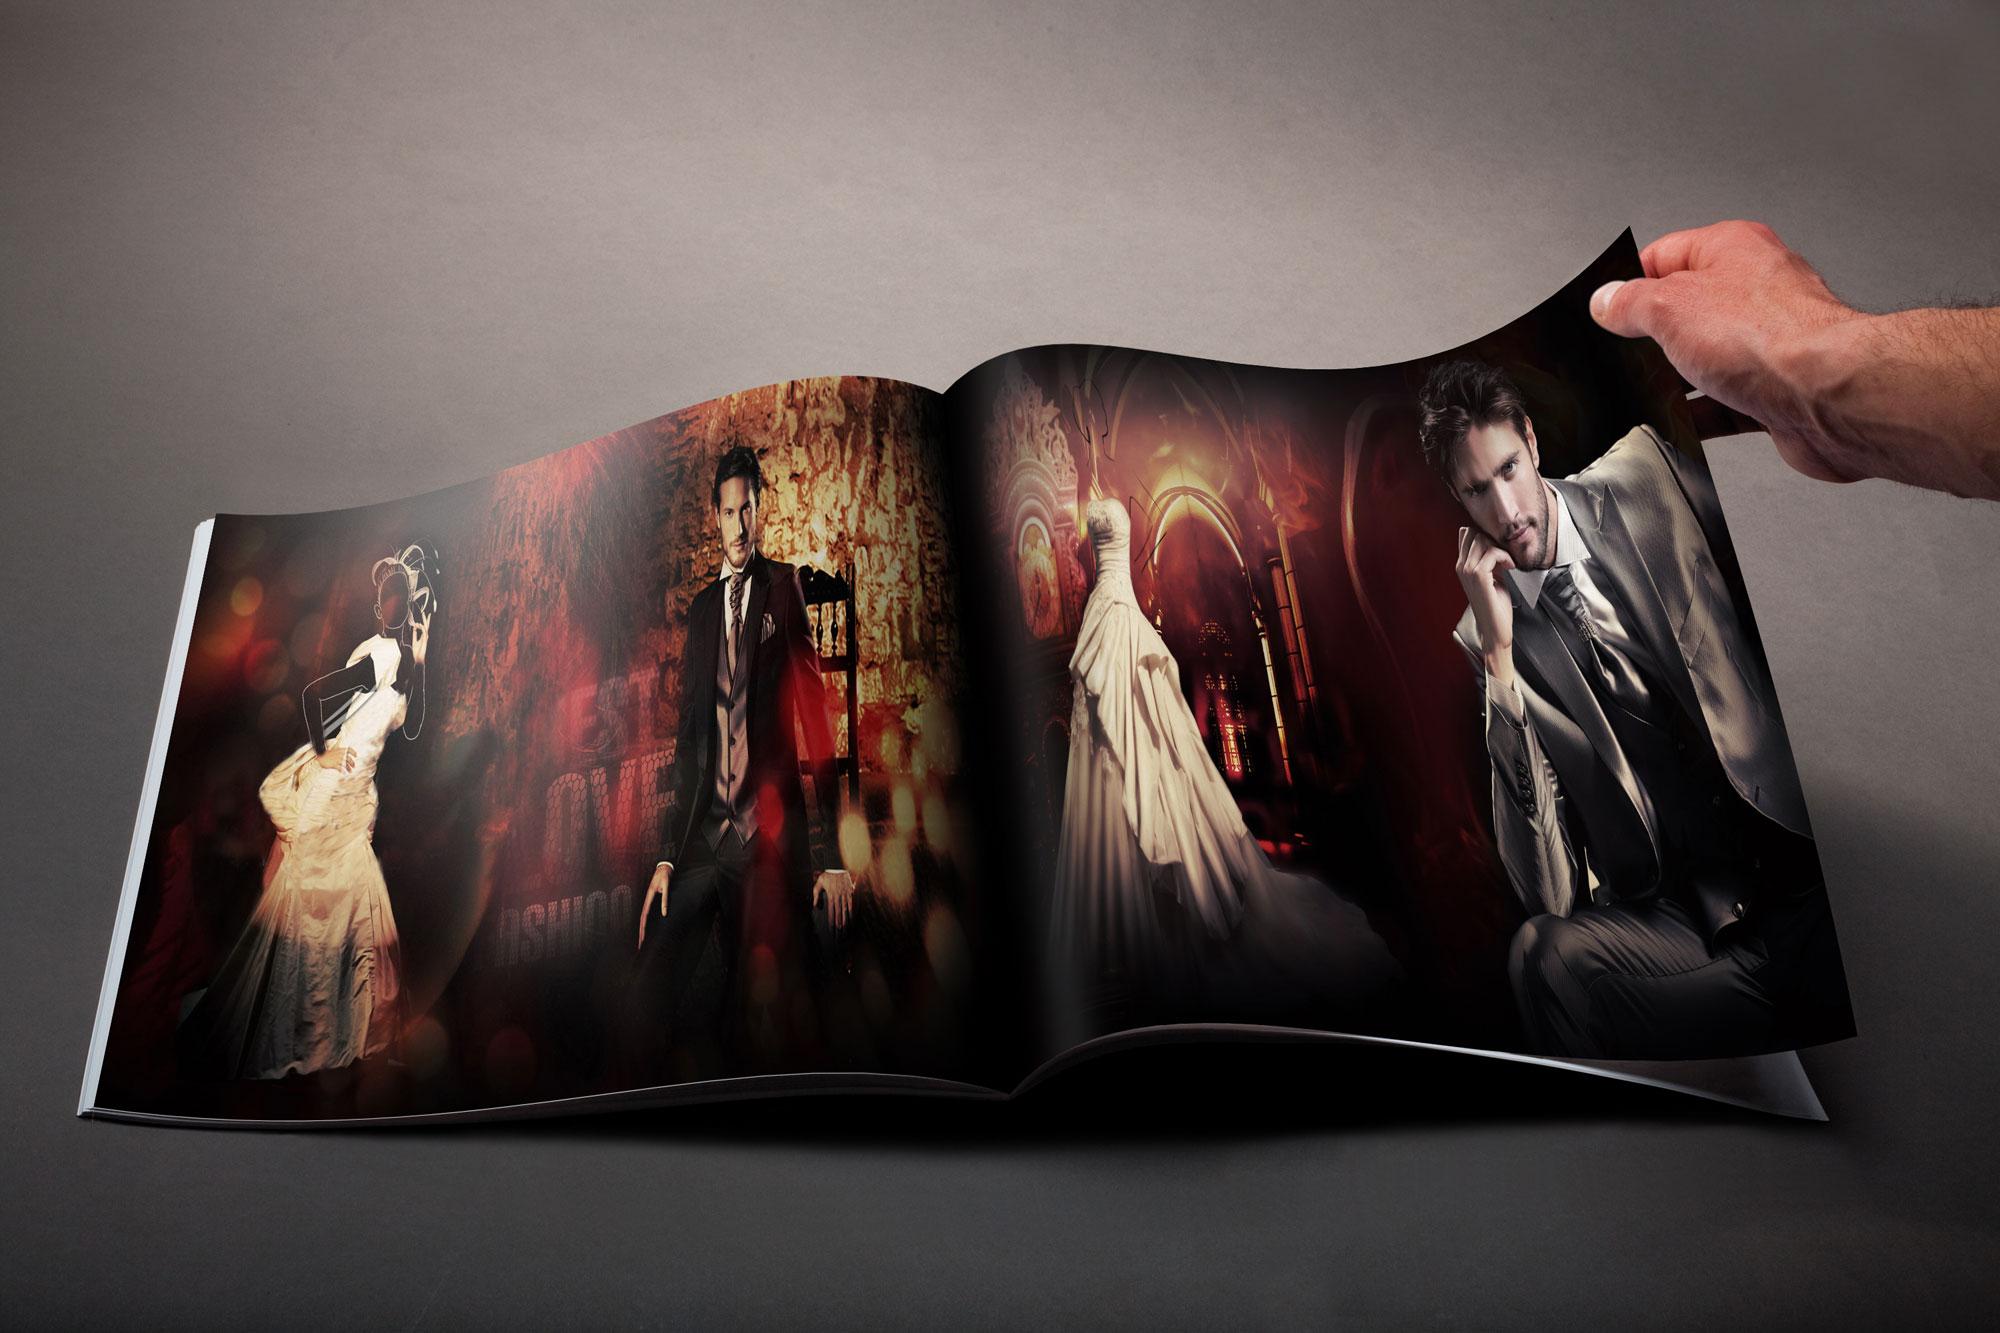 آلبوم عروس و داماد هوشمند 360